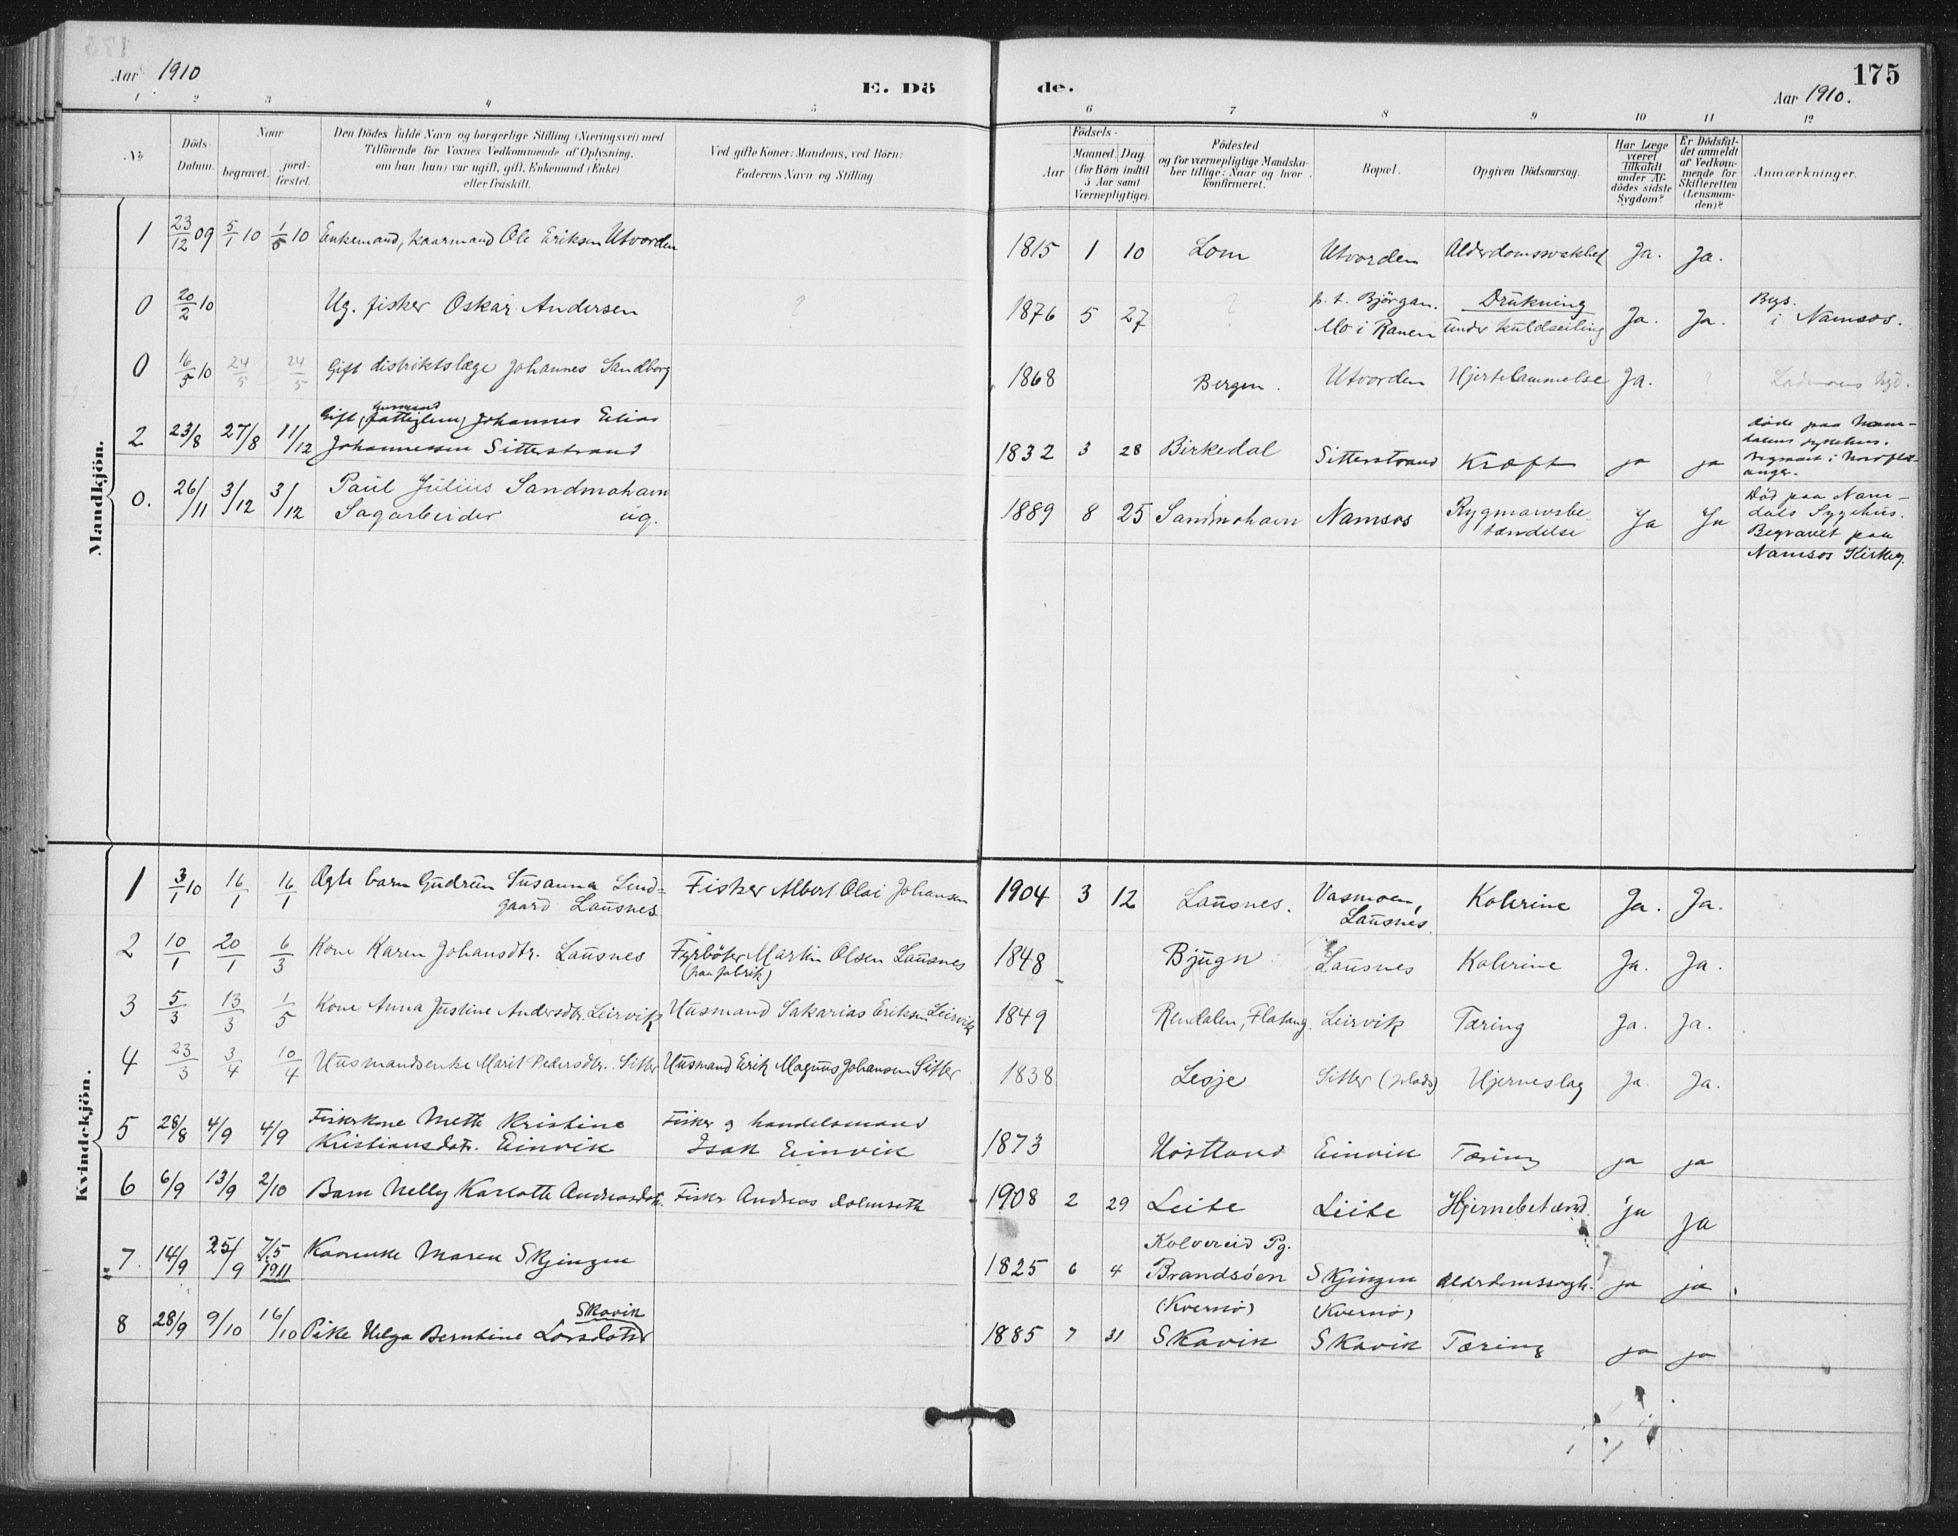 SAT, Ministerialprotokoller, klokkerbøker og fødselsregistre - Nord-Trøndelag, 772/L0603: Ministerialbok nr. 772A01, 1885-1912, s. 175